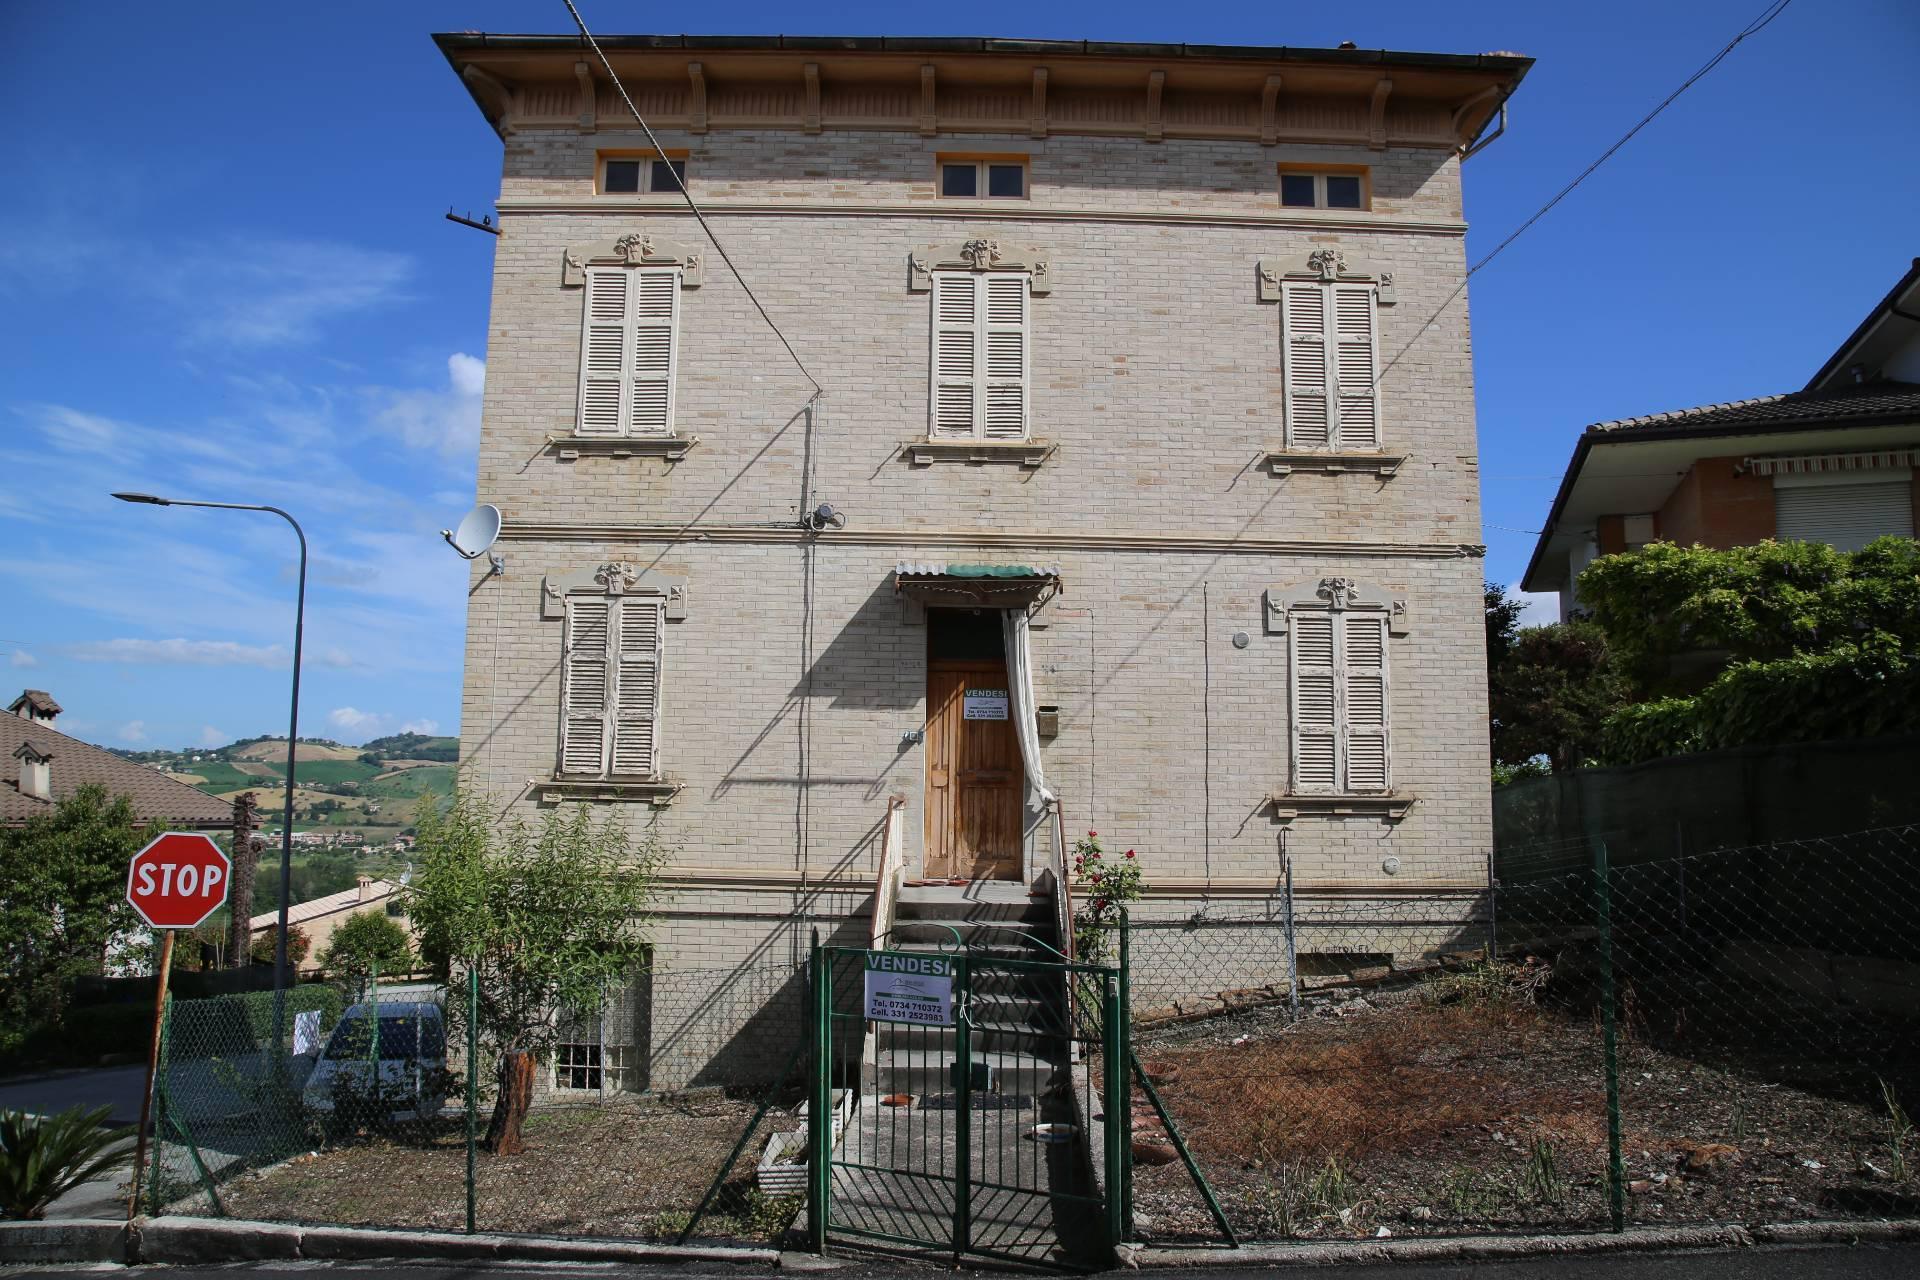 Appartamento in vendita a Grottazzolina, 3 locali, prezzo € 52.000 | CambioCasa.it